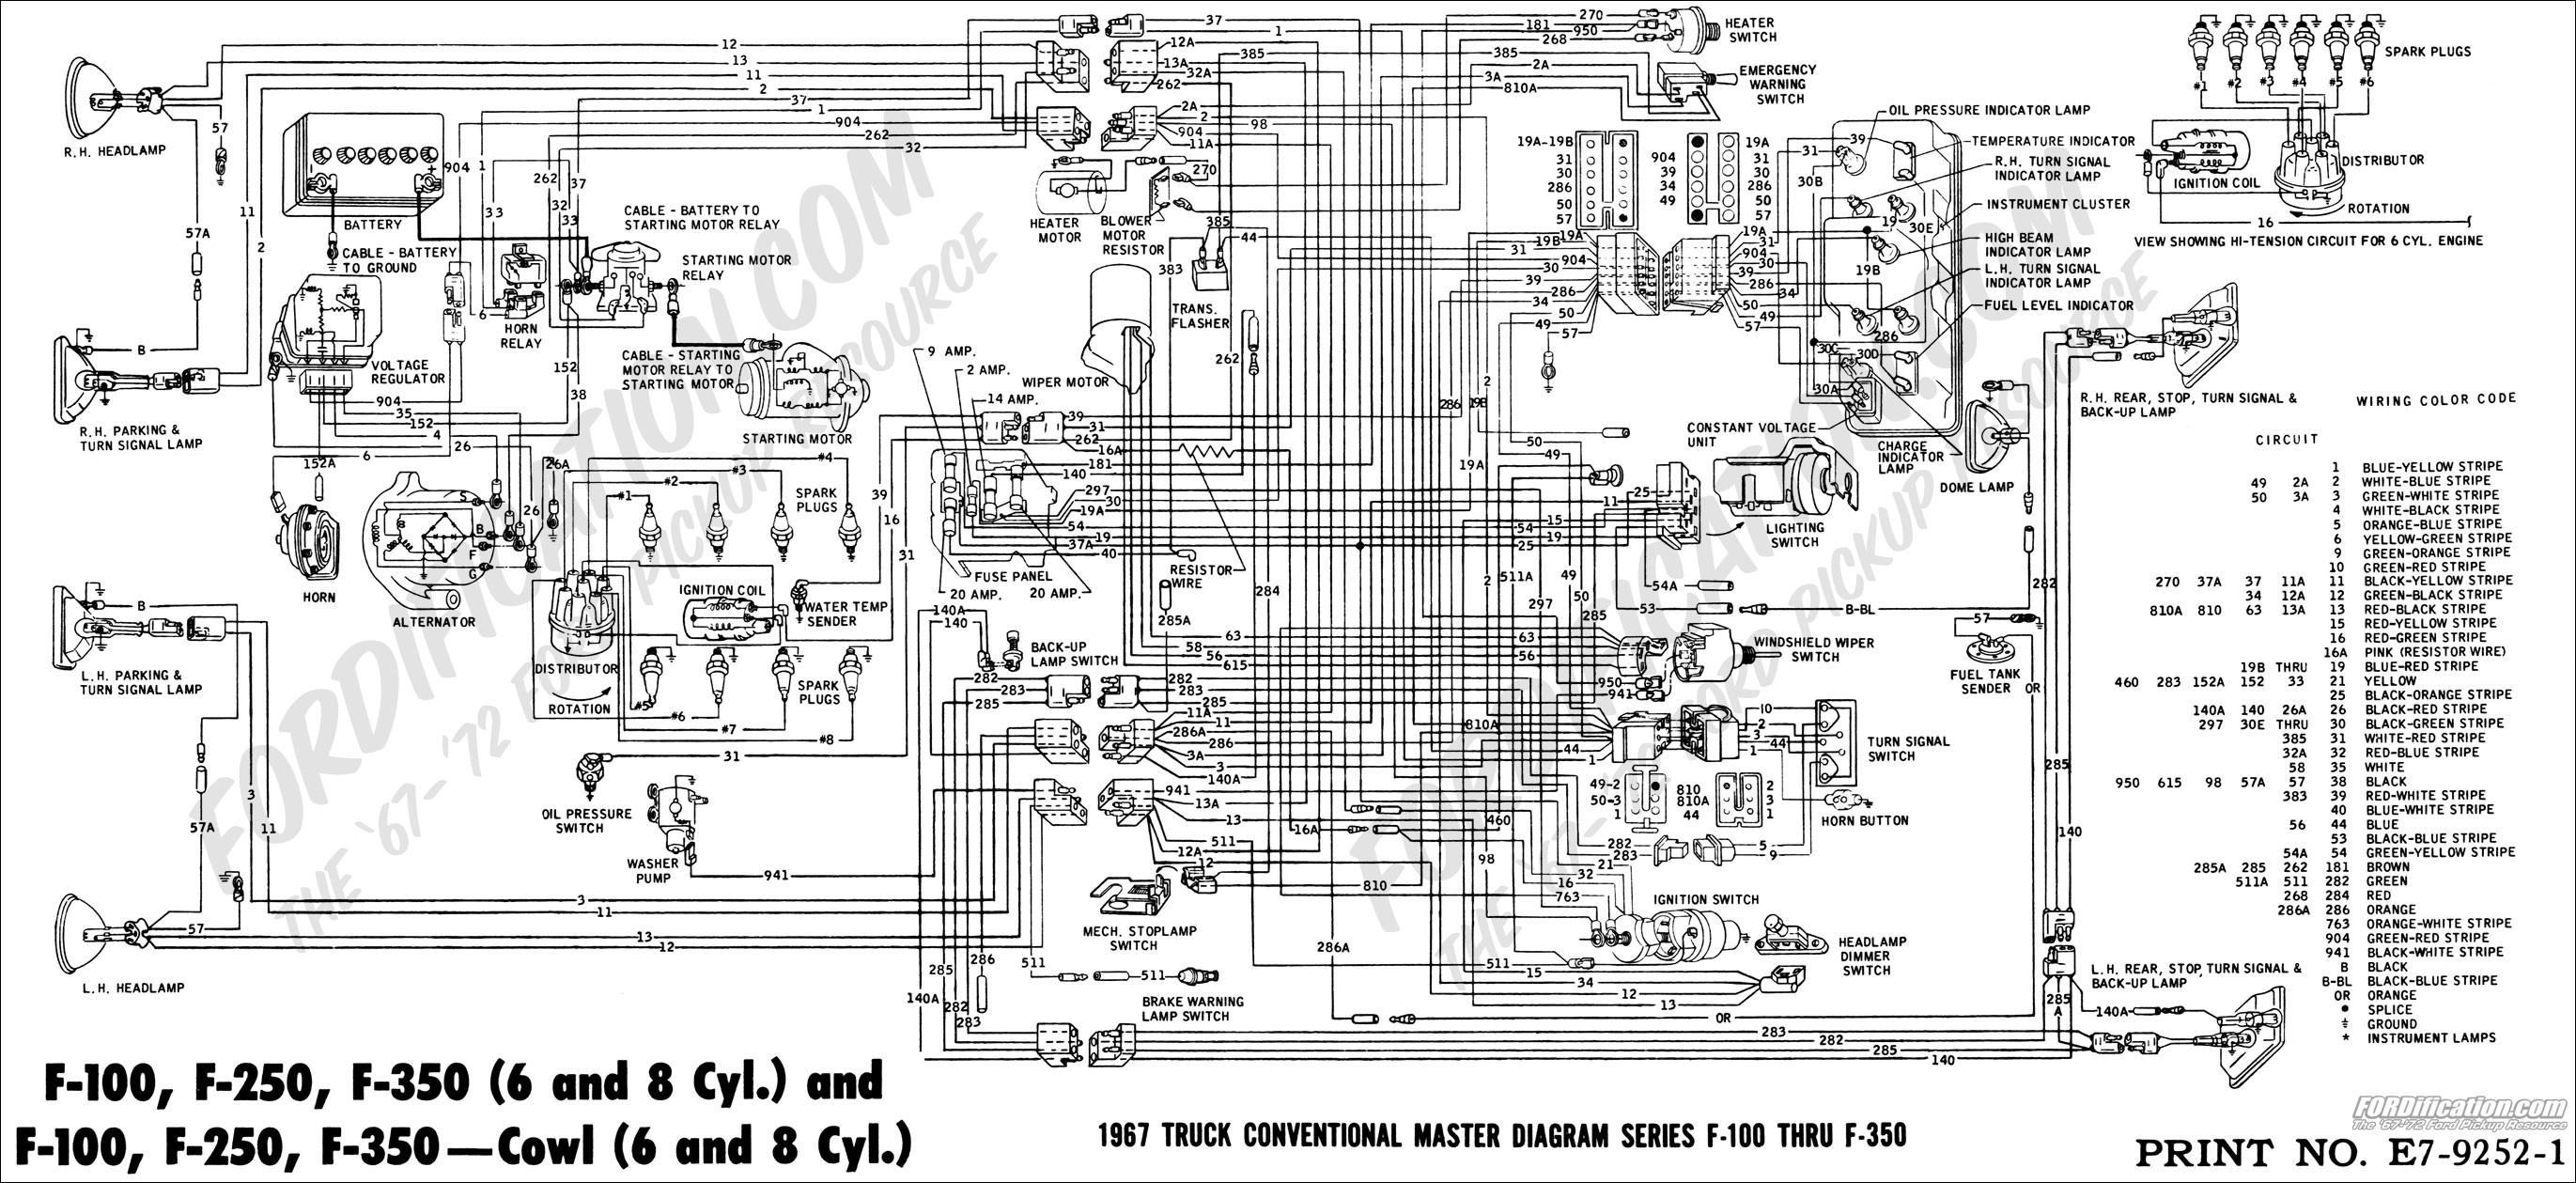 1999 ford Escort Engine Diagram 2001 F250 Engine Diagram Experts Wiring Diagram • Of 1999 ford Escort Engine Diagram